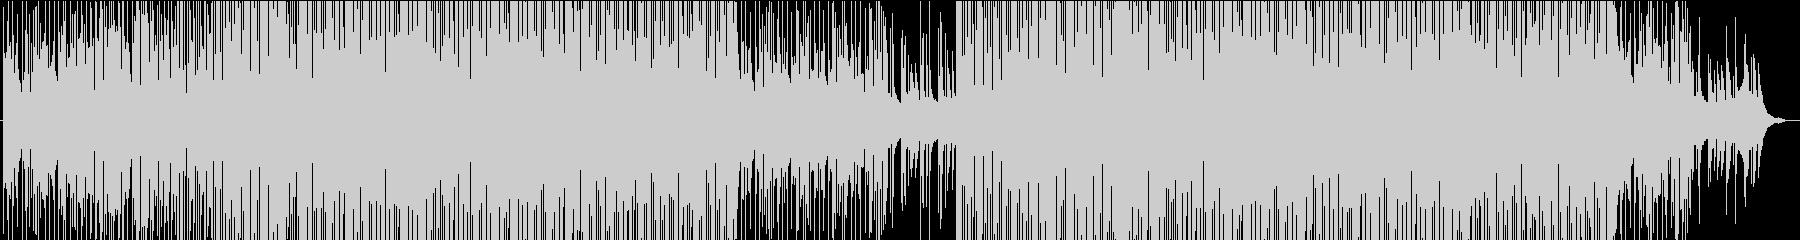 心地よく爽やかなマリンバのトロピカル楽曲の未再生の波形